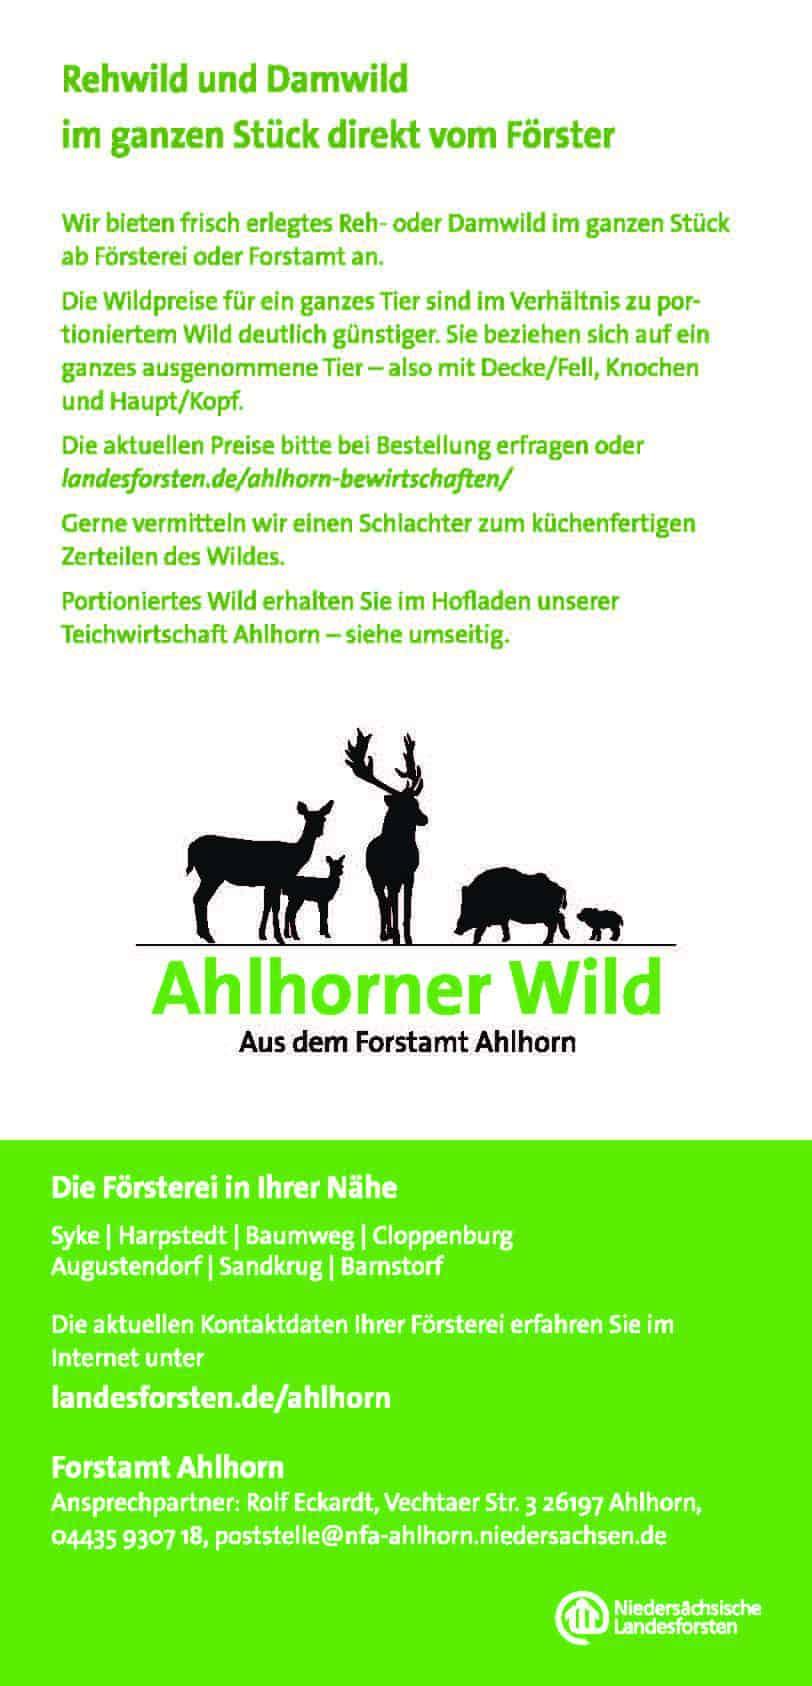 09.02.21_ahlhorner_wild_preisliste_din_lang2021-2